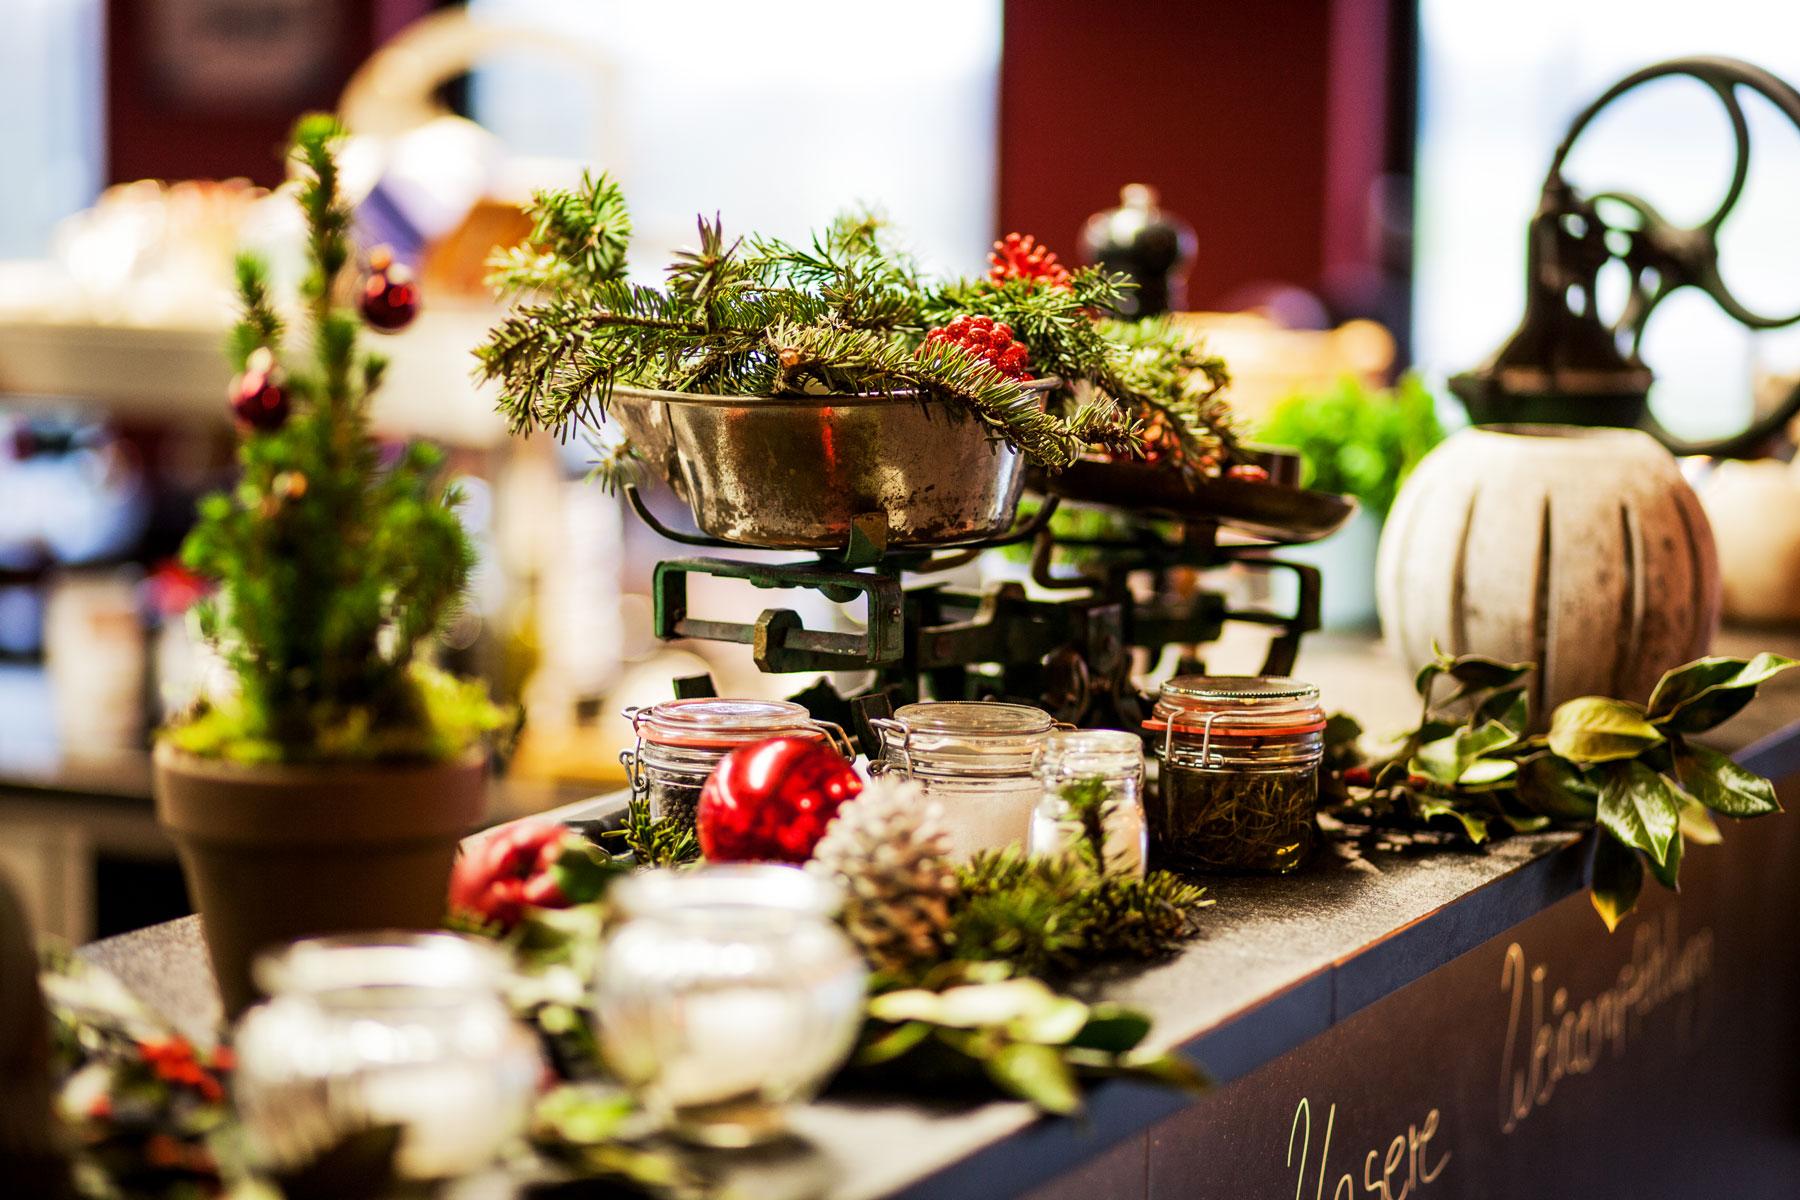 fliegerhorst-restaurant-weihnachten-dekoration-kueche ...